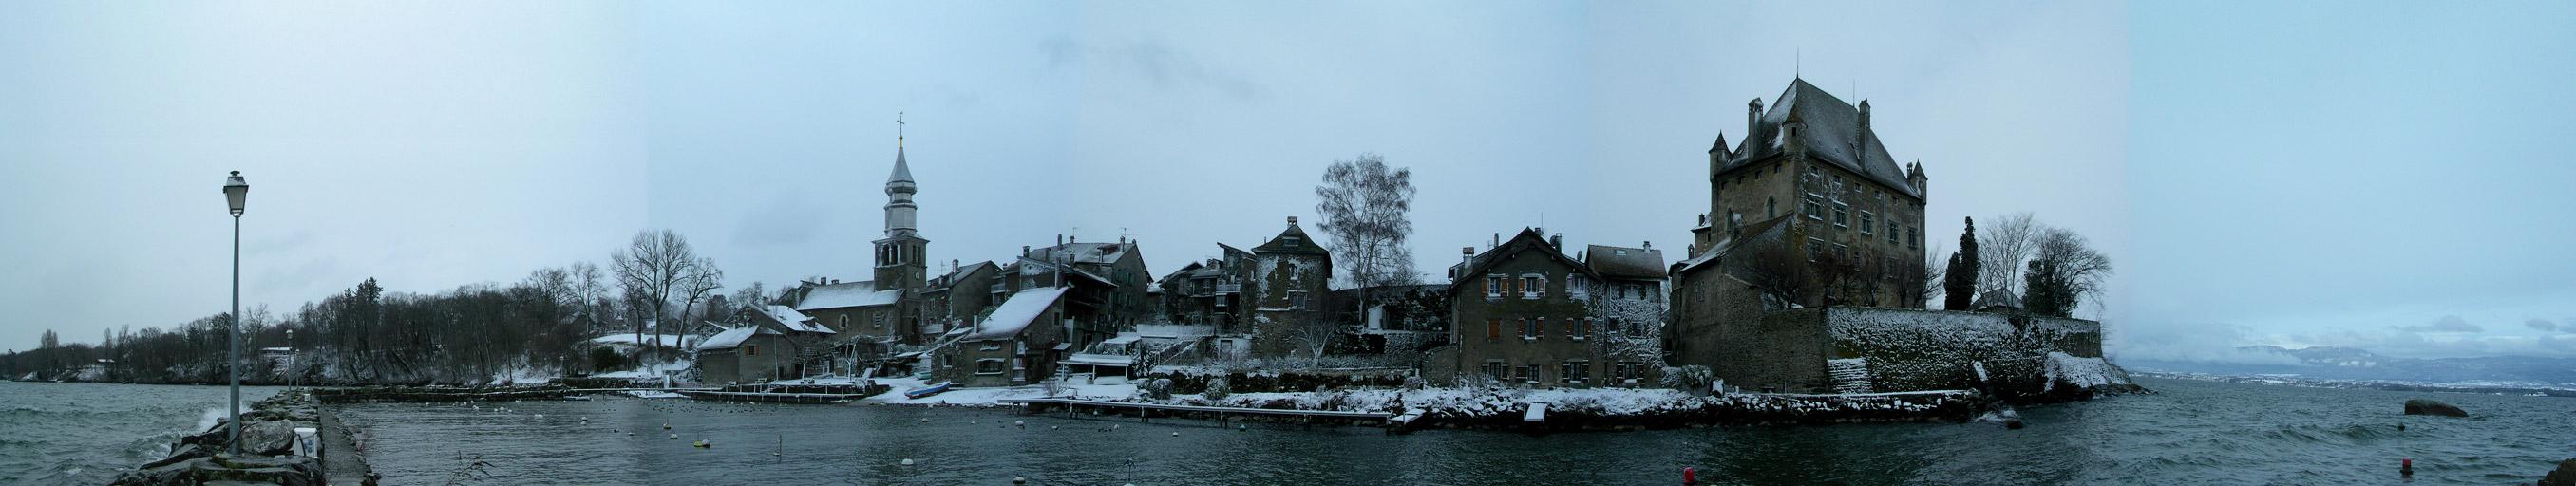 Le village et le château d'Yvoire depuis le vieux port en hiver.